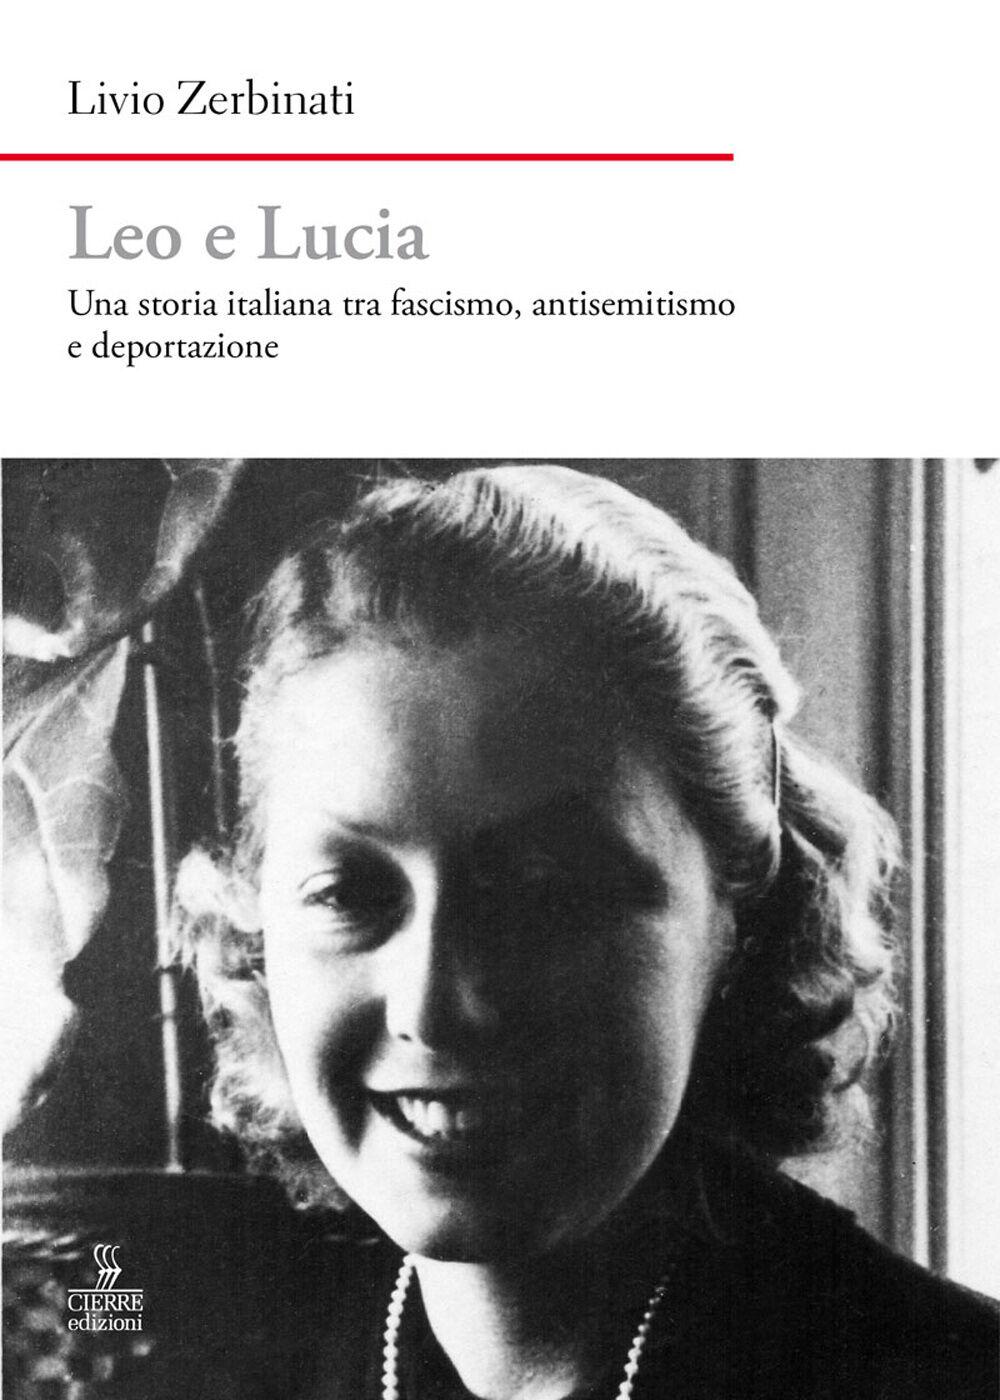 Leo e Lucia. Una storia italiana tra fascismo, antisemitismo e deportazione